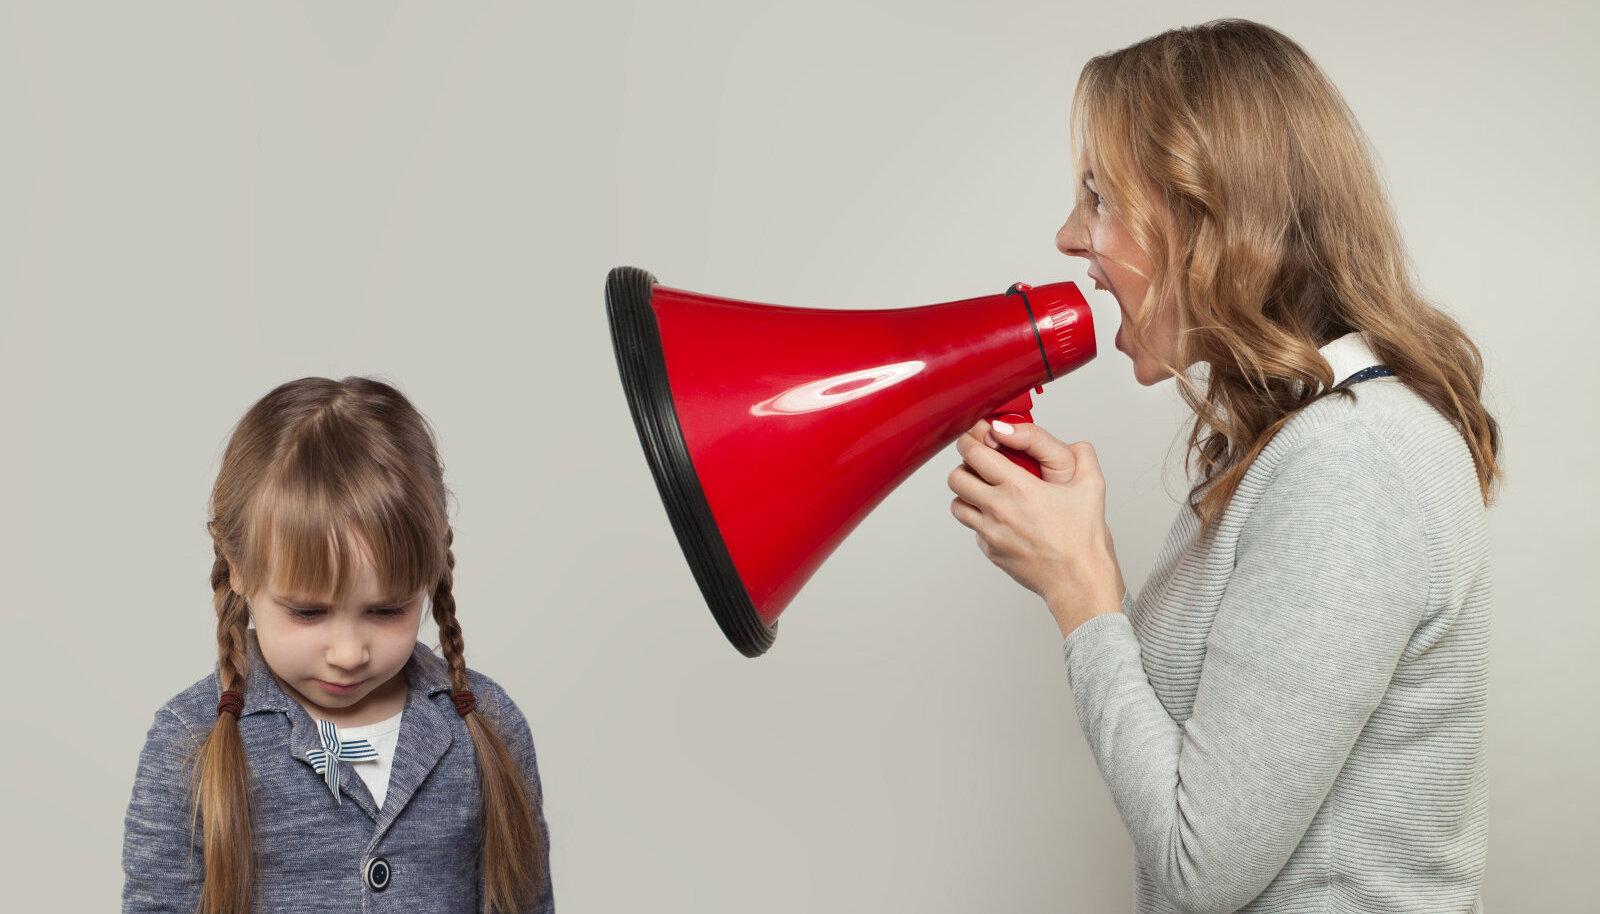 Soovitus mitte lapsi lasteaeda viia on väga kurbade tagajärgedega nii lastele kui vanematele